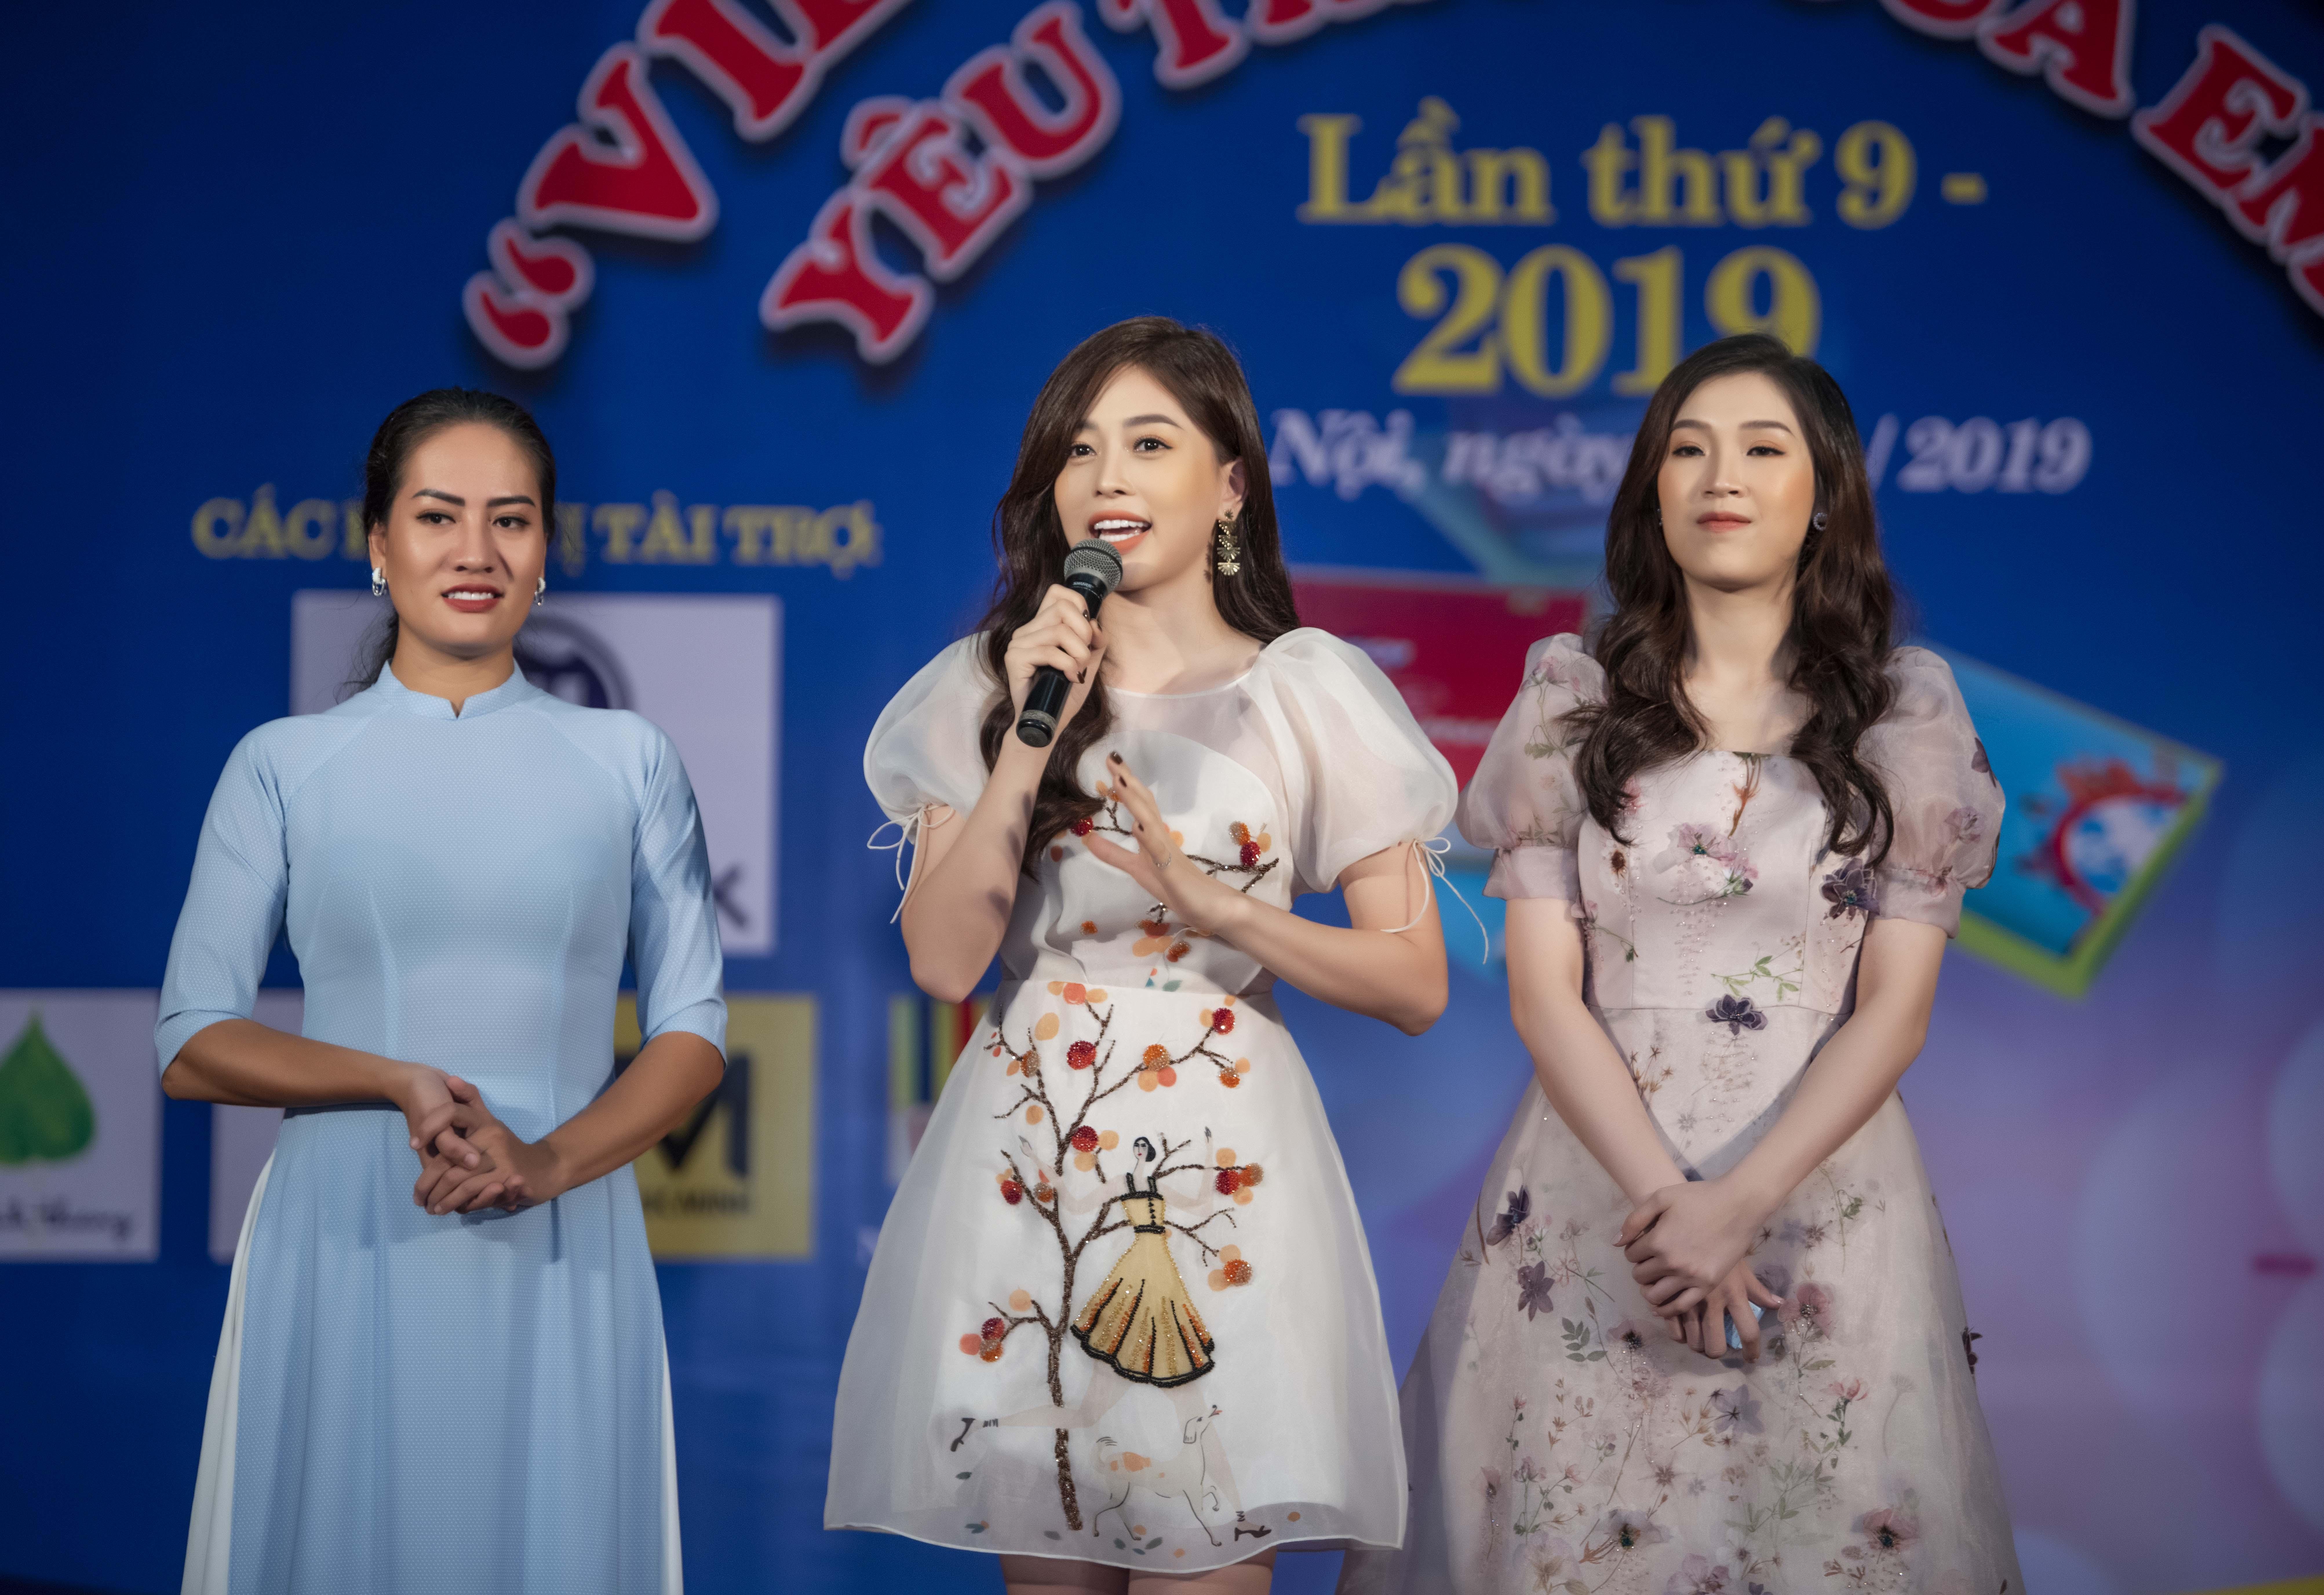 Á hậu Phương Nga khoe 'vẻ đẹp vạn người mê' đi sự kiện tại Hà Nội 6